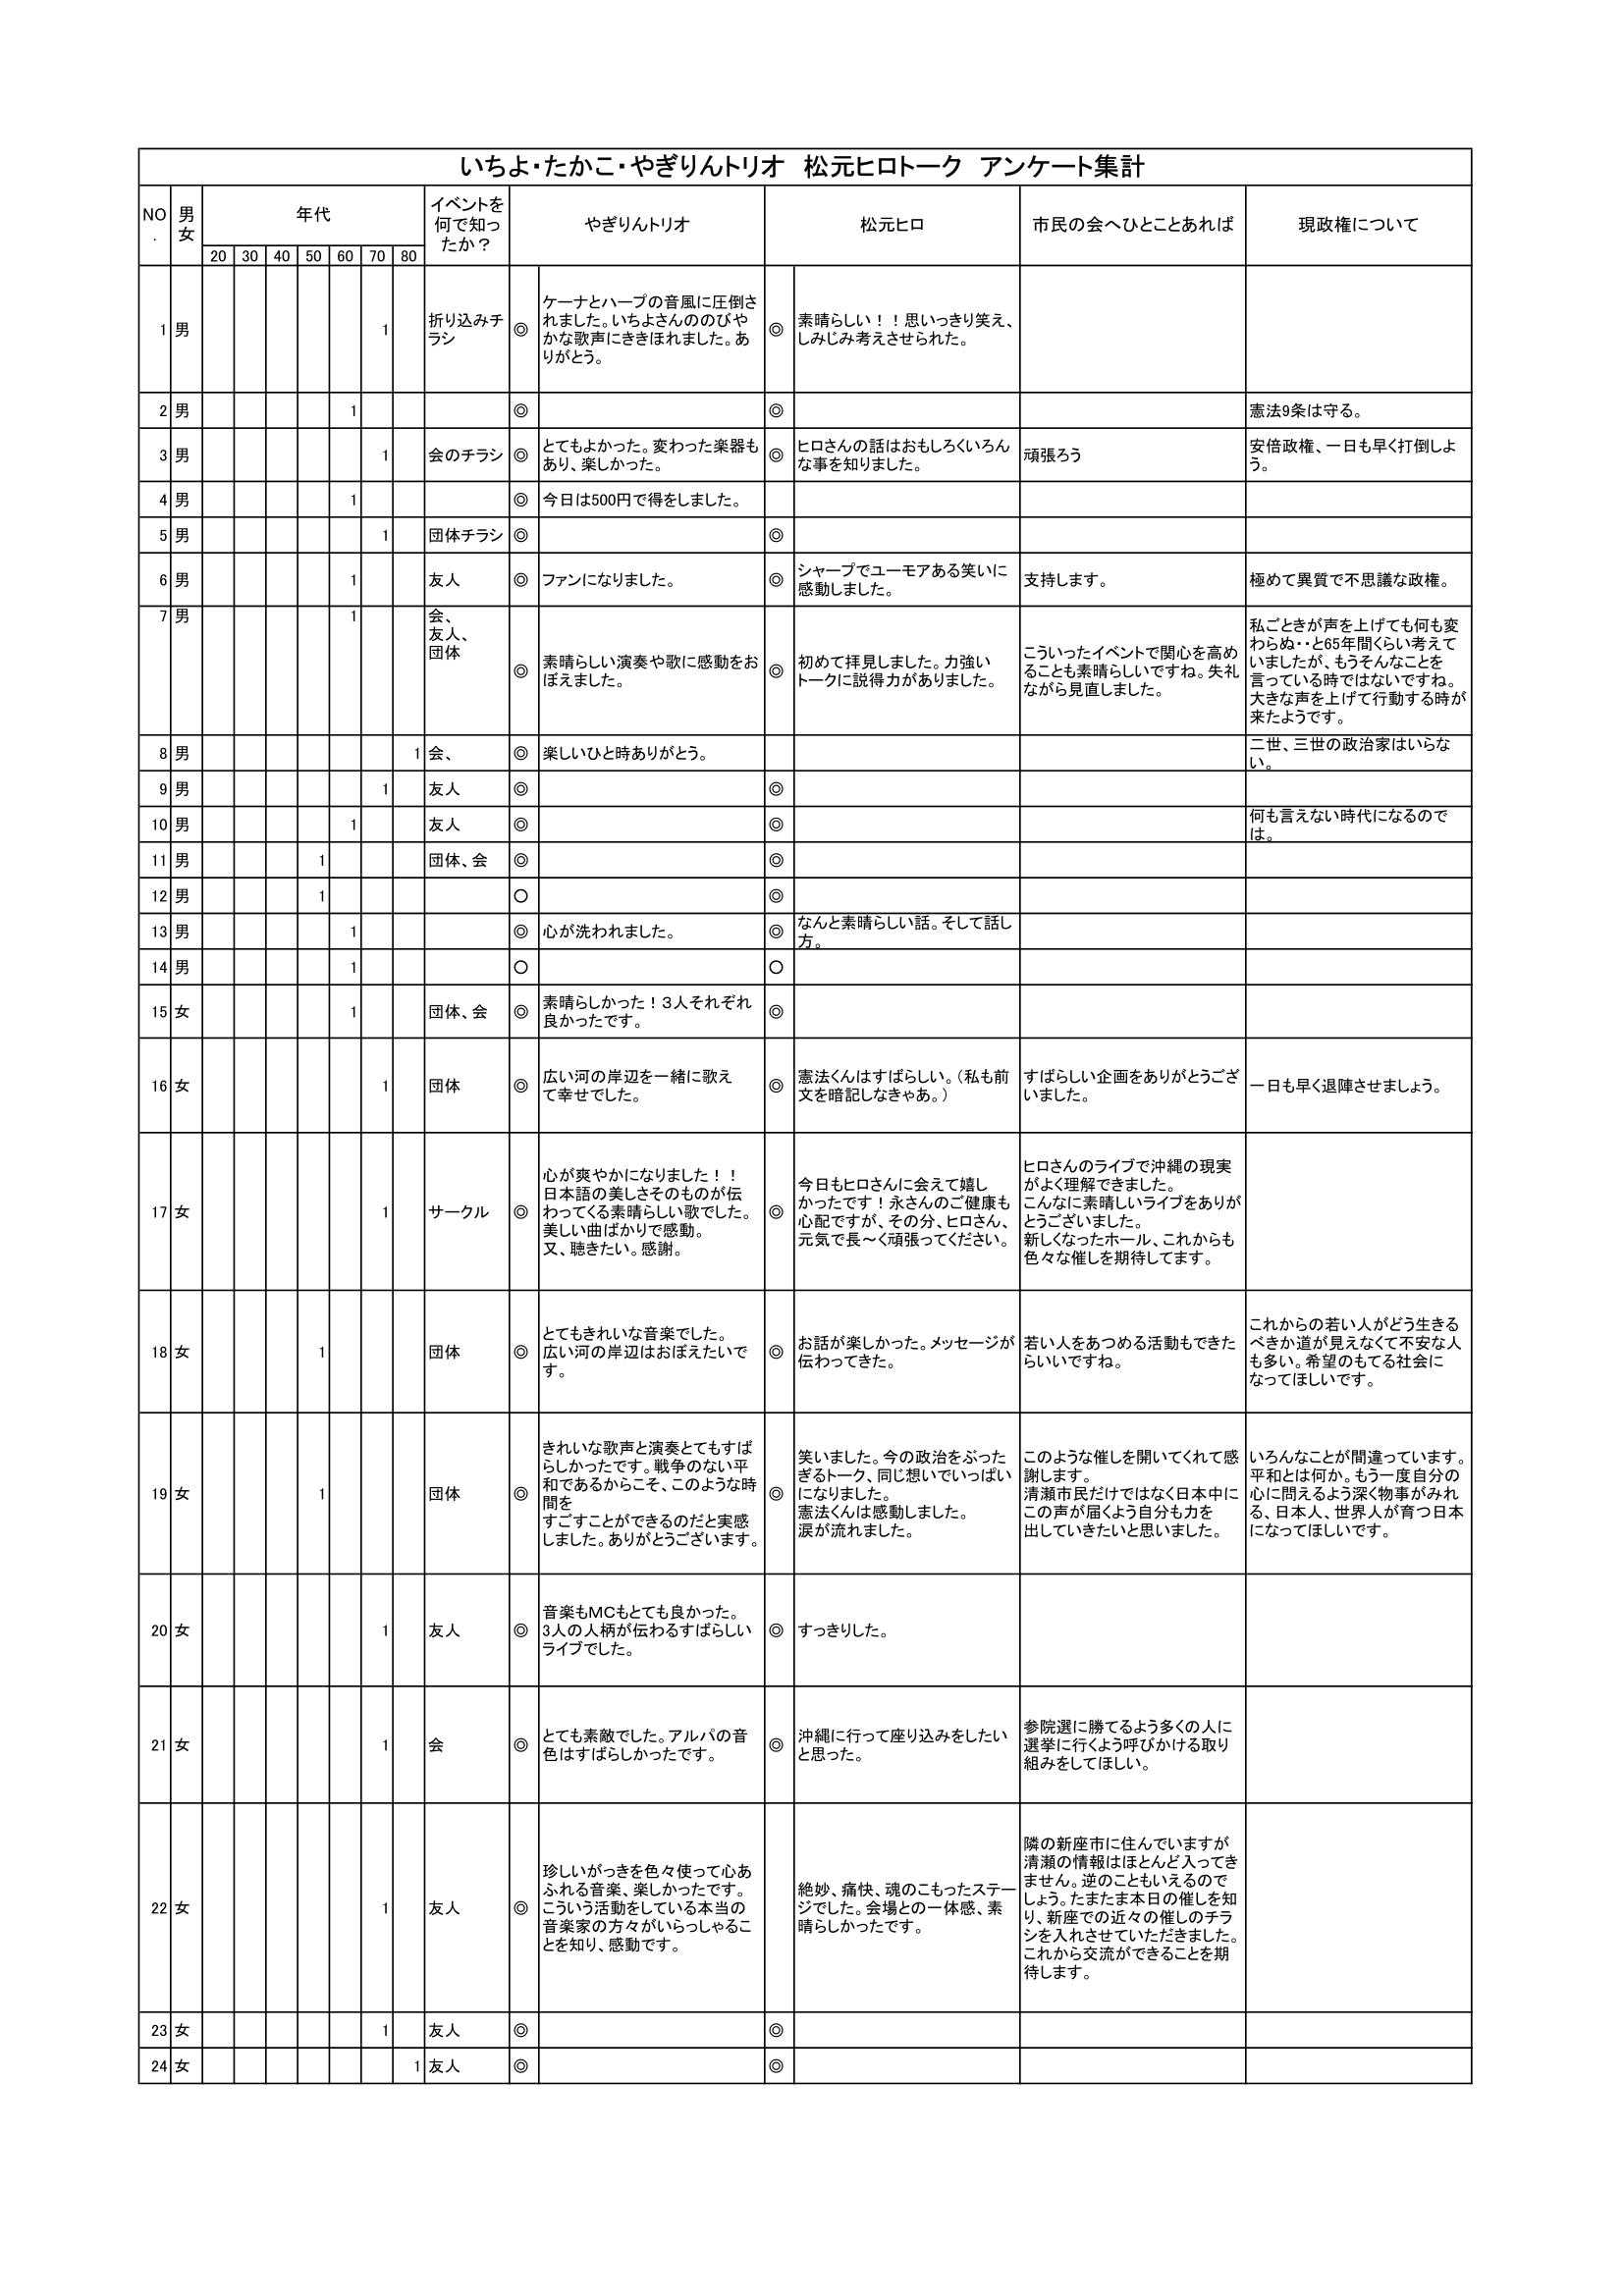 20160531アンケート結果-1